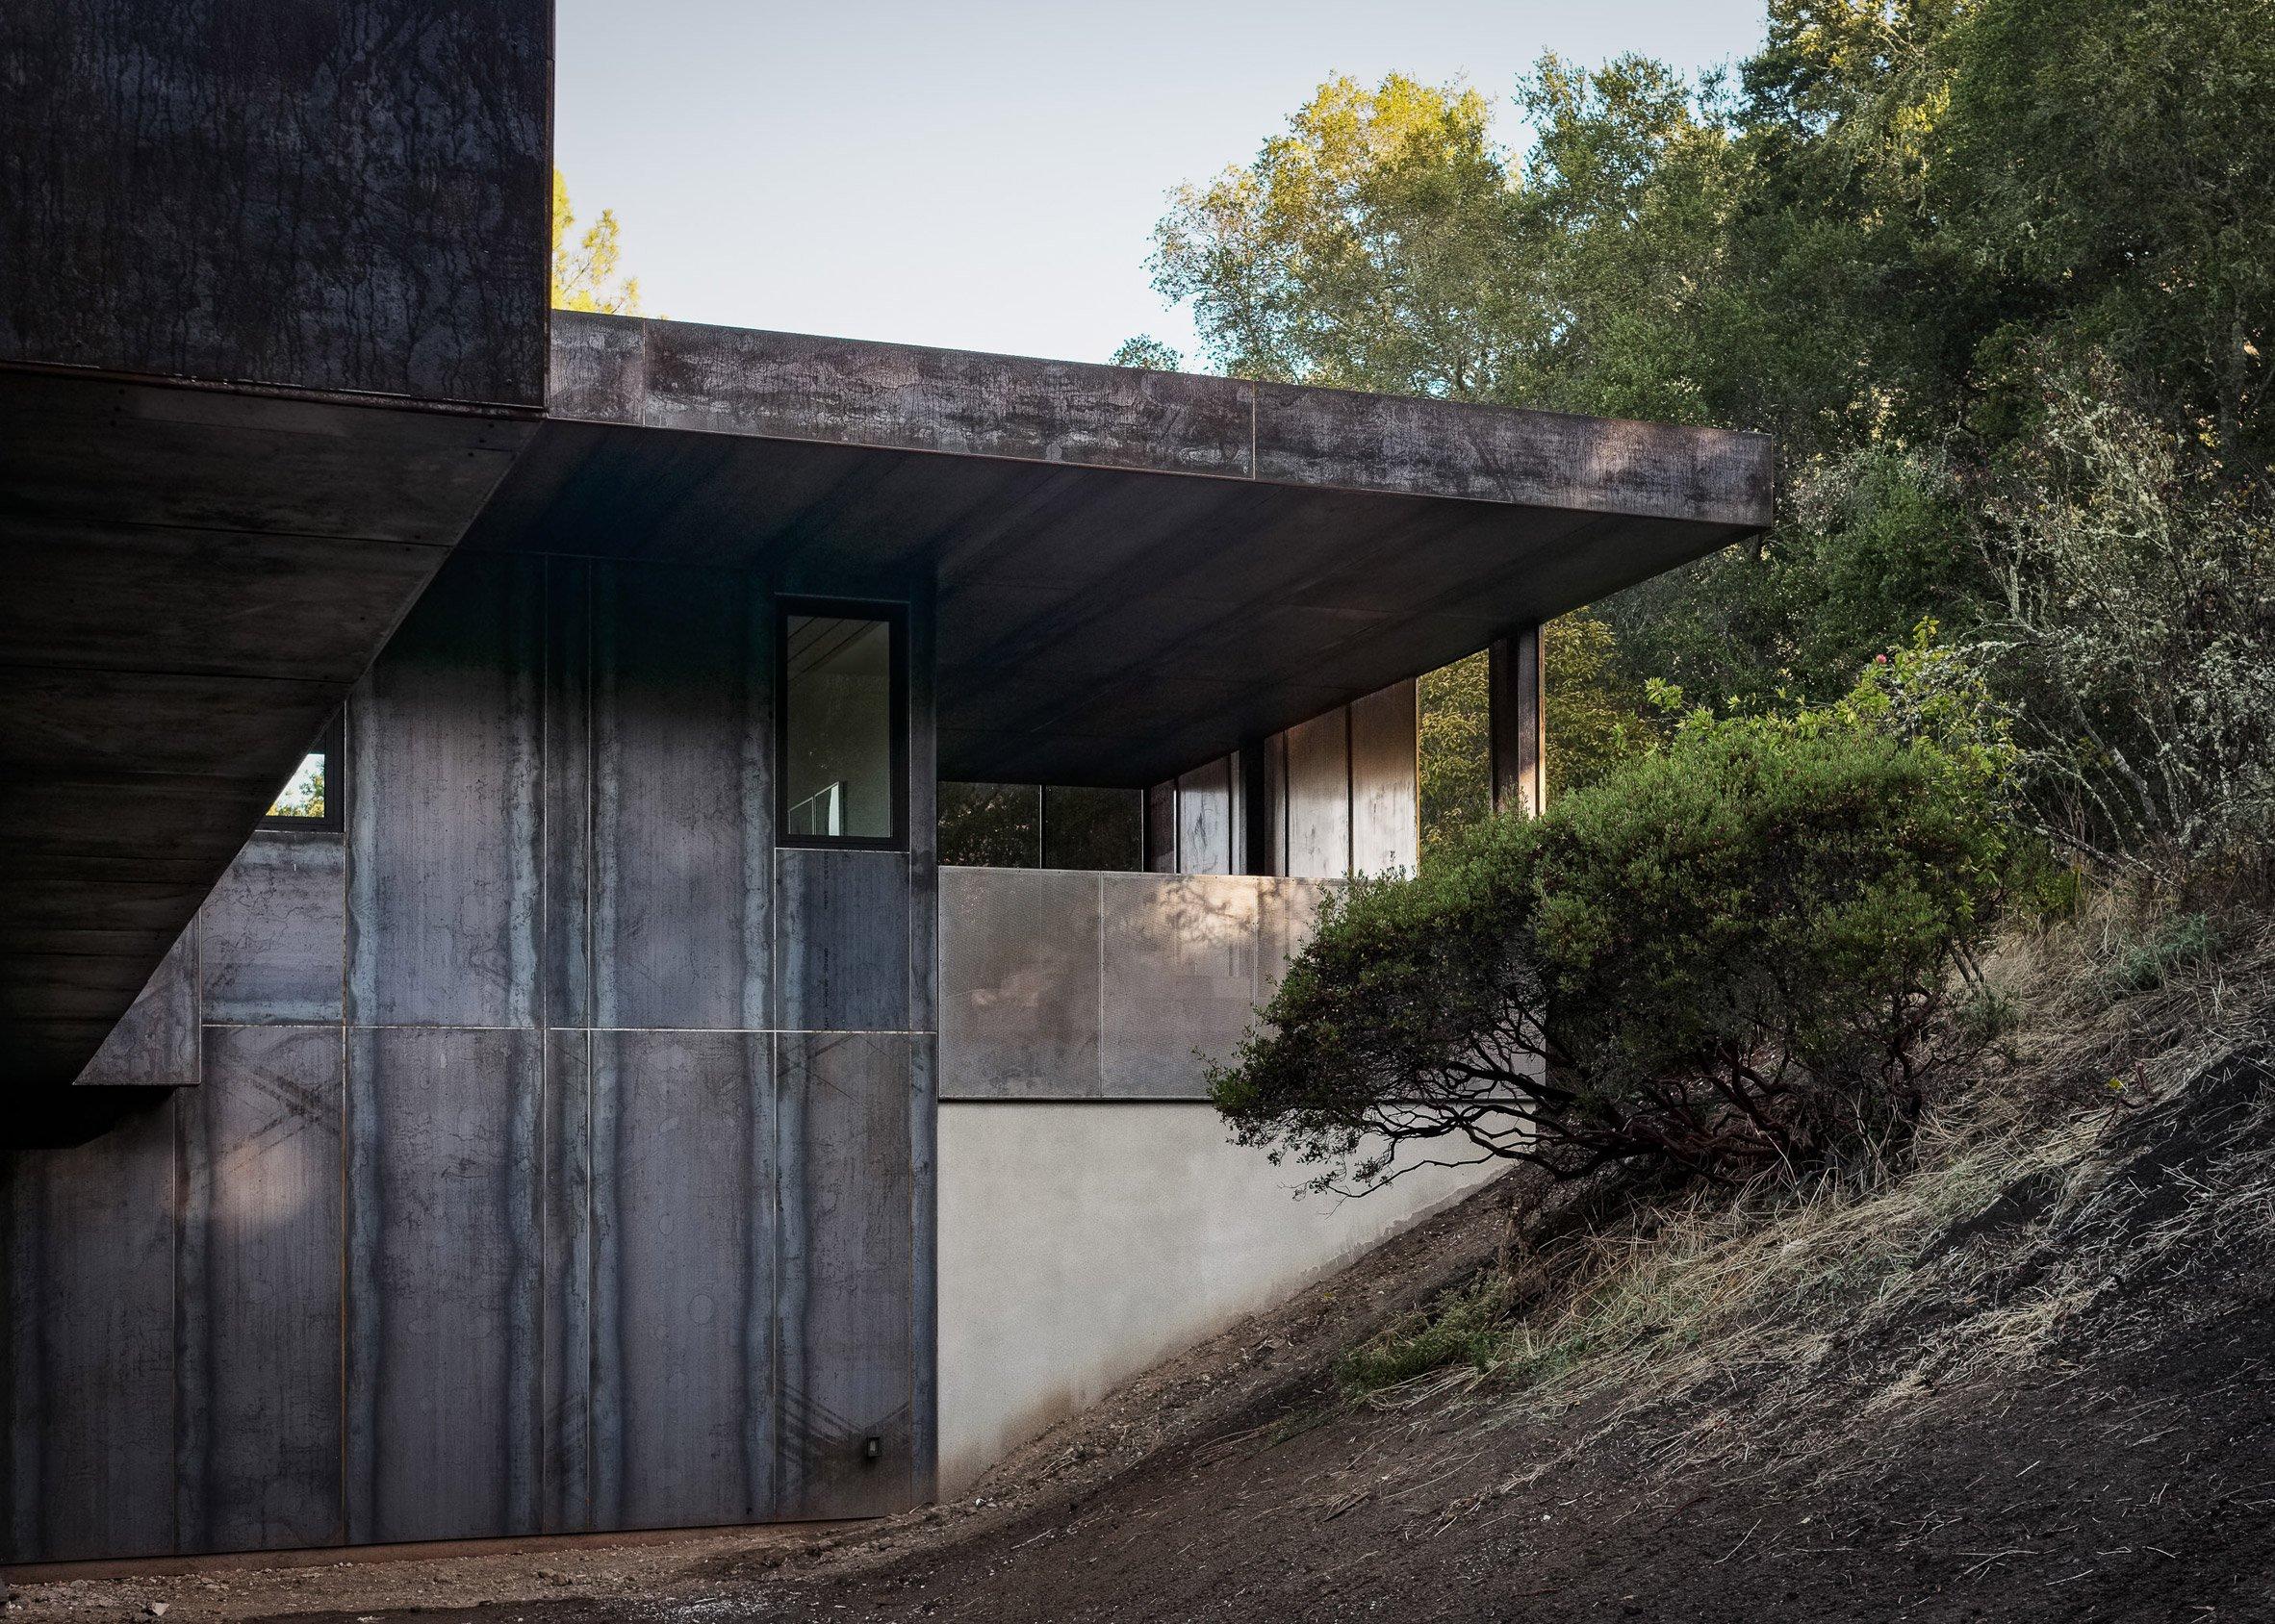 La casa sfrutta la luce naturale ed è protetta dagli alberi / Joe Fletcher Photography